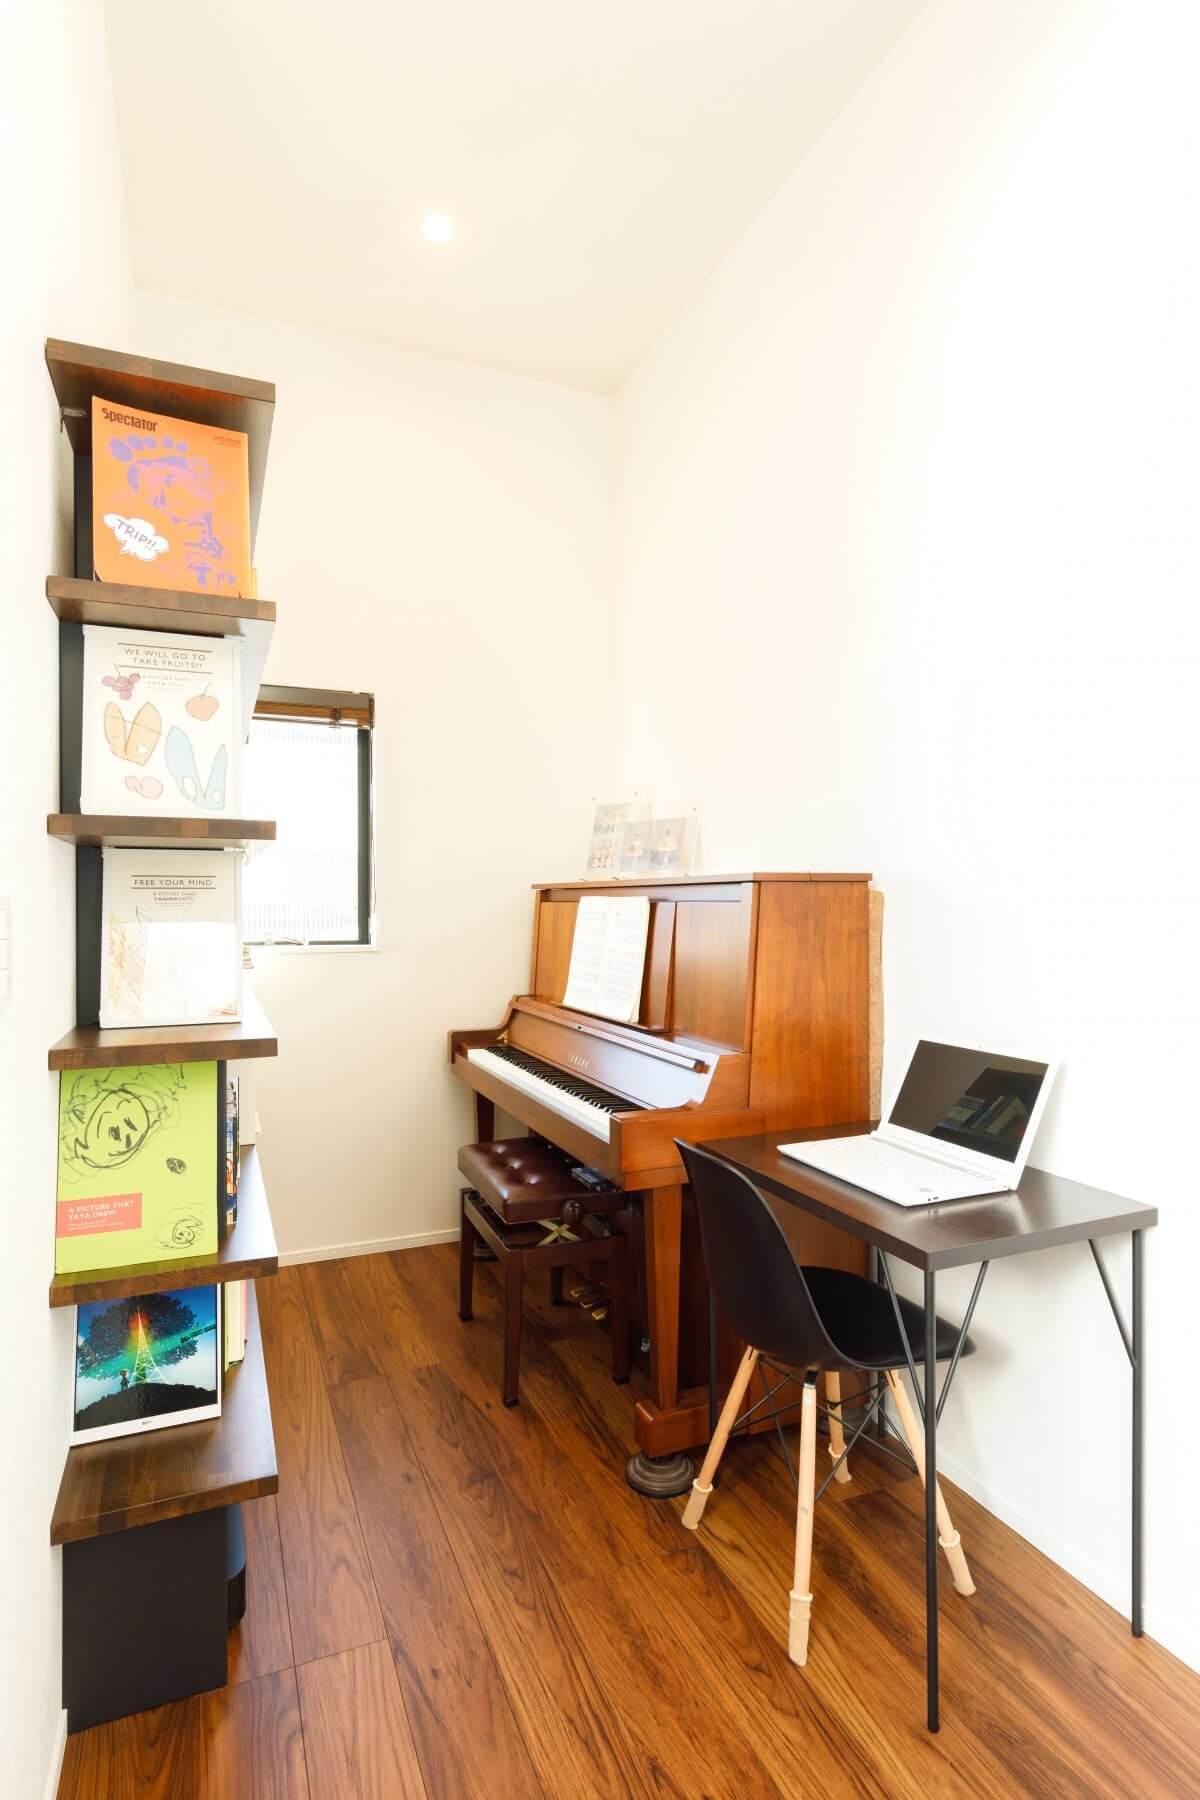 1階から階段を上がった場所にあるのが、写真のピアノスペース。造作の本棚やPCコーナーも配置し、多目的に利用されています。